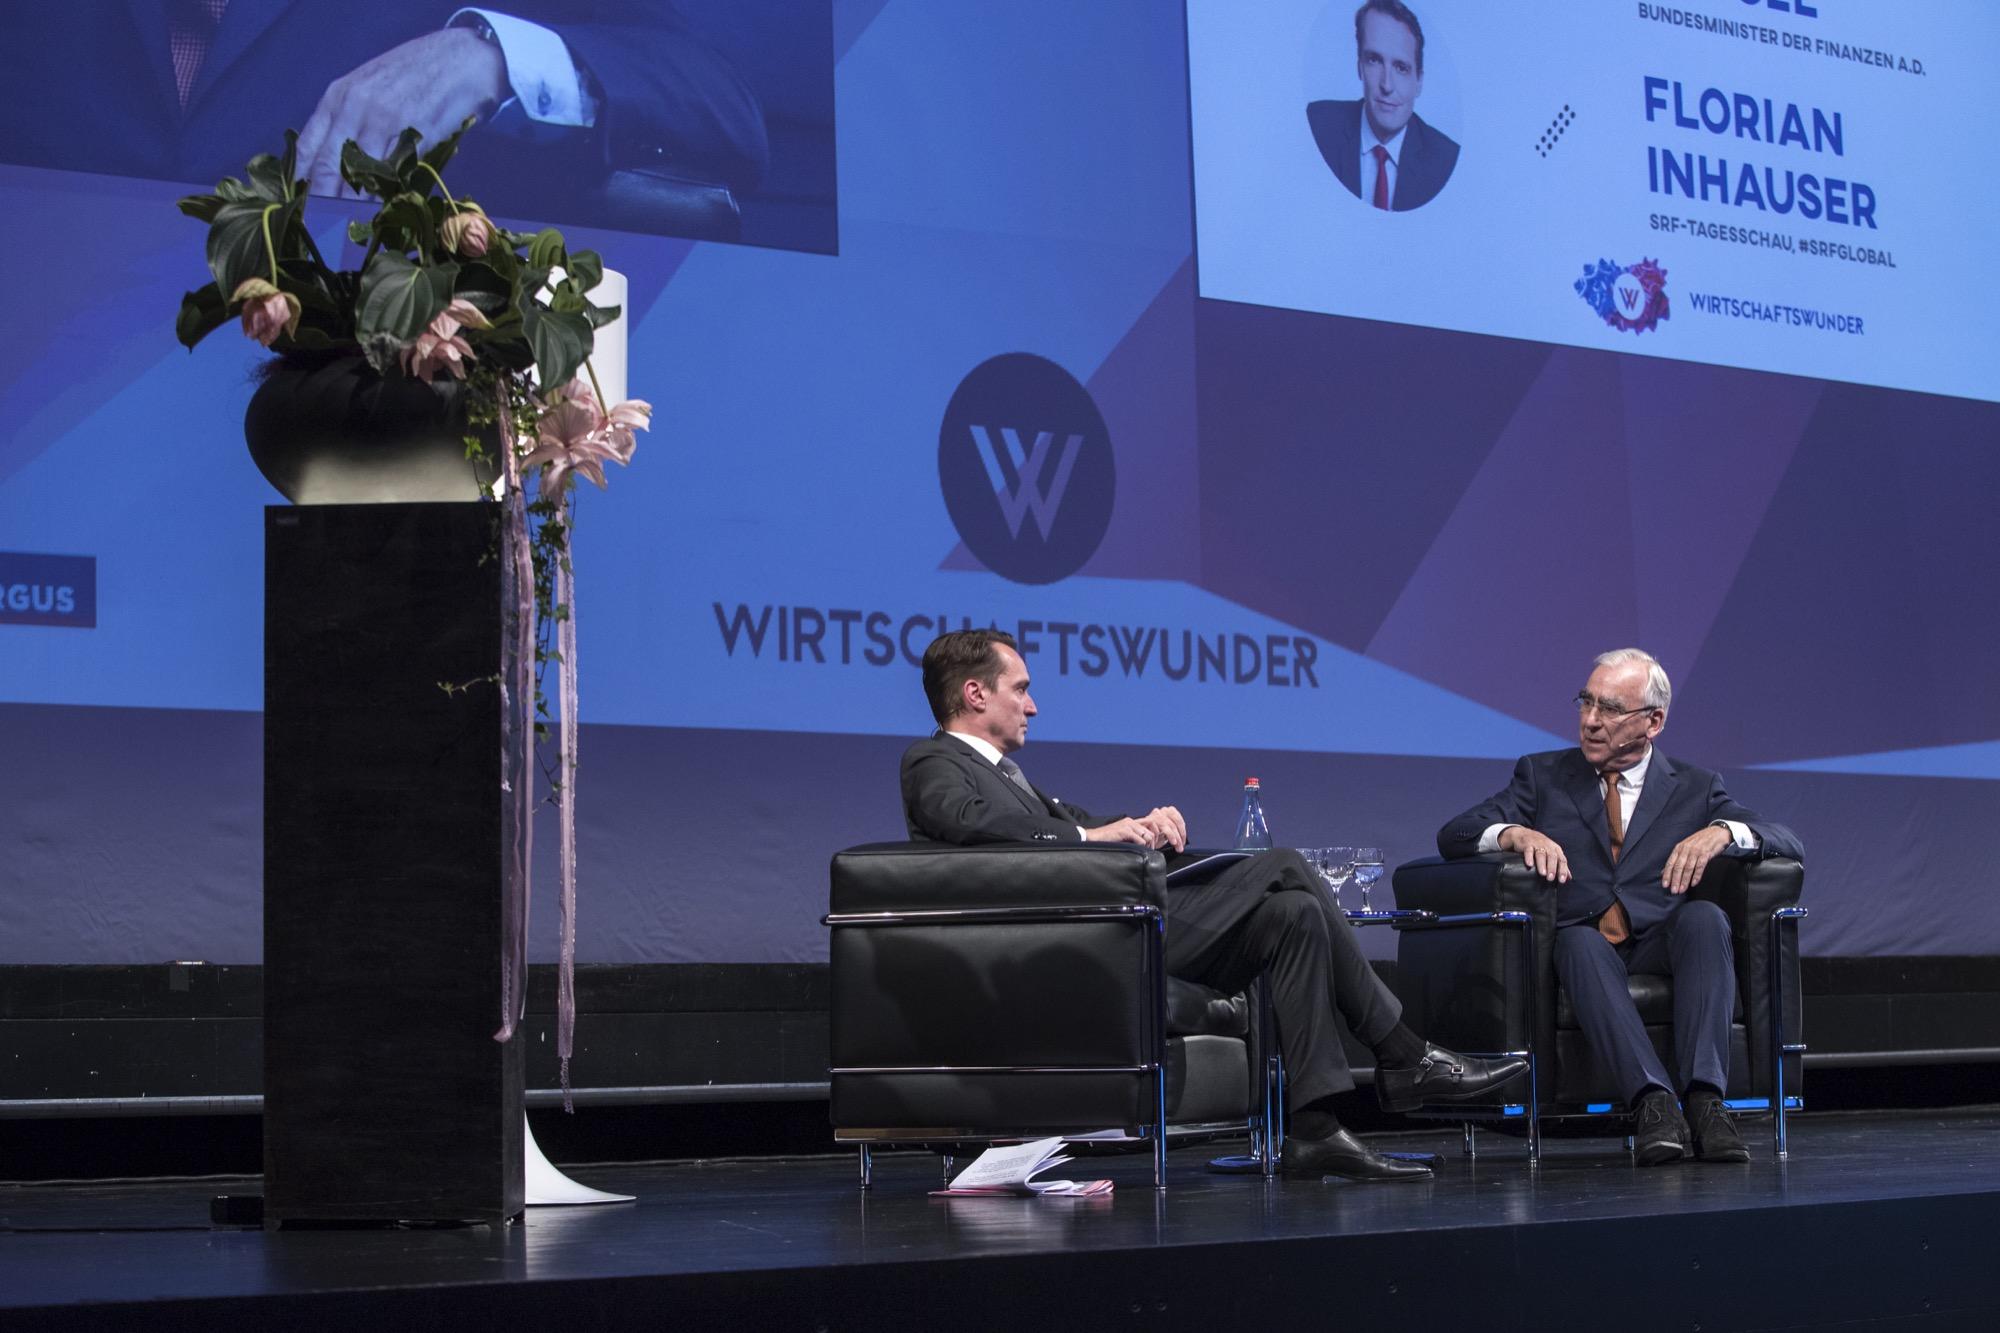 Florian Inhauser diskutiert vor einer Leinwand am Wirtschaftswunder 2017